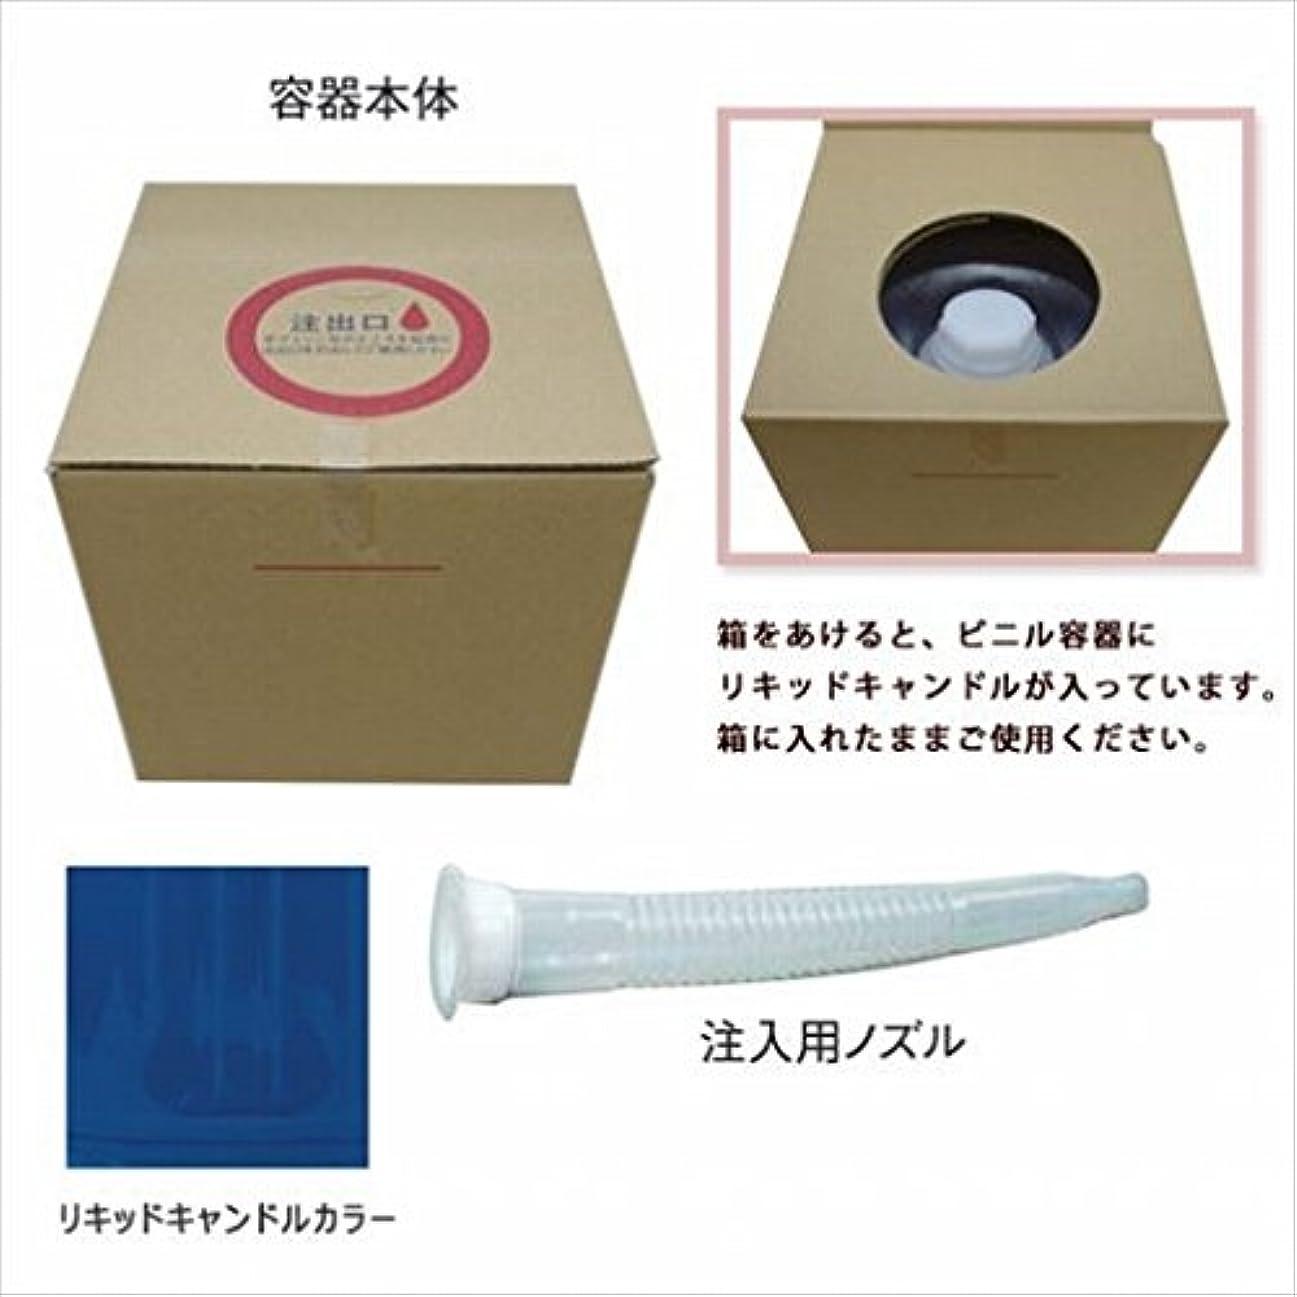 学習者派生する確保するカメヤマキャンドル( kameyama candle ) リキッドキャンドル5リットル 「 ブルー 」